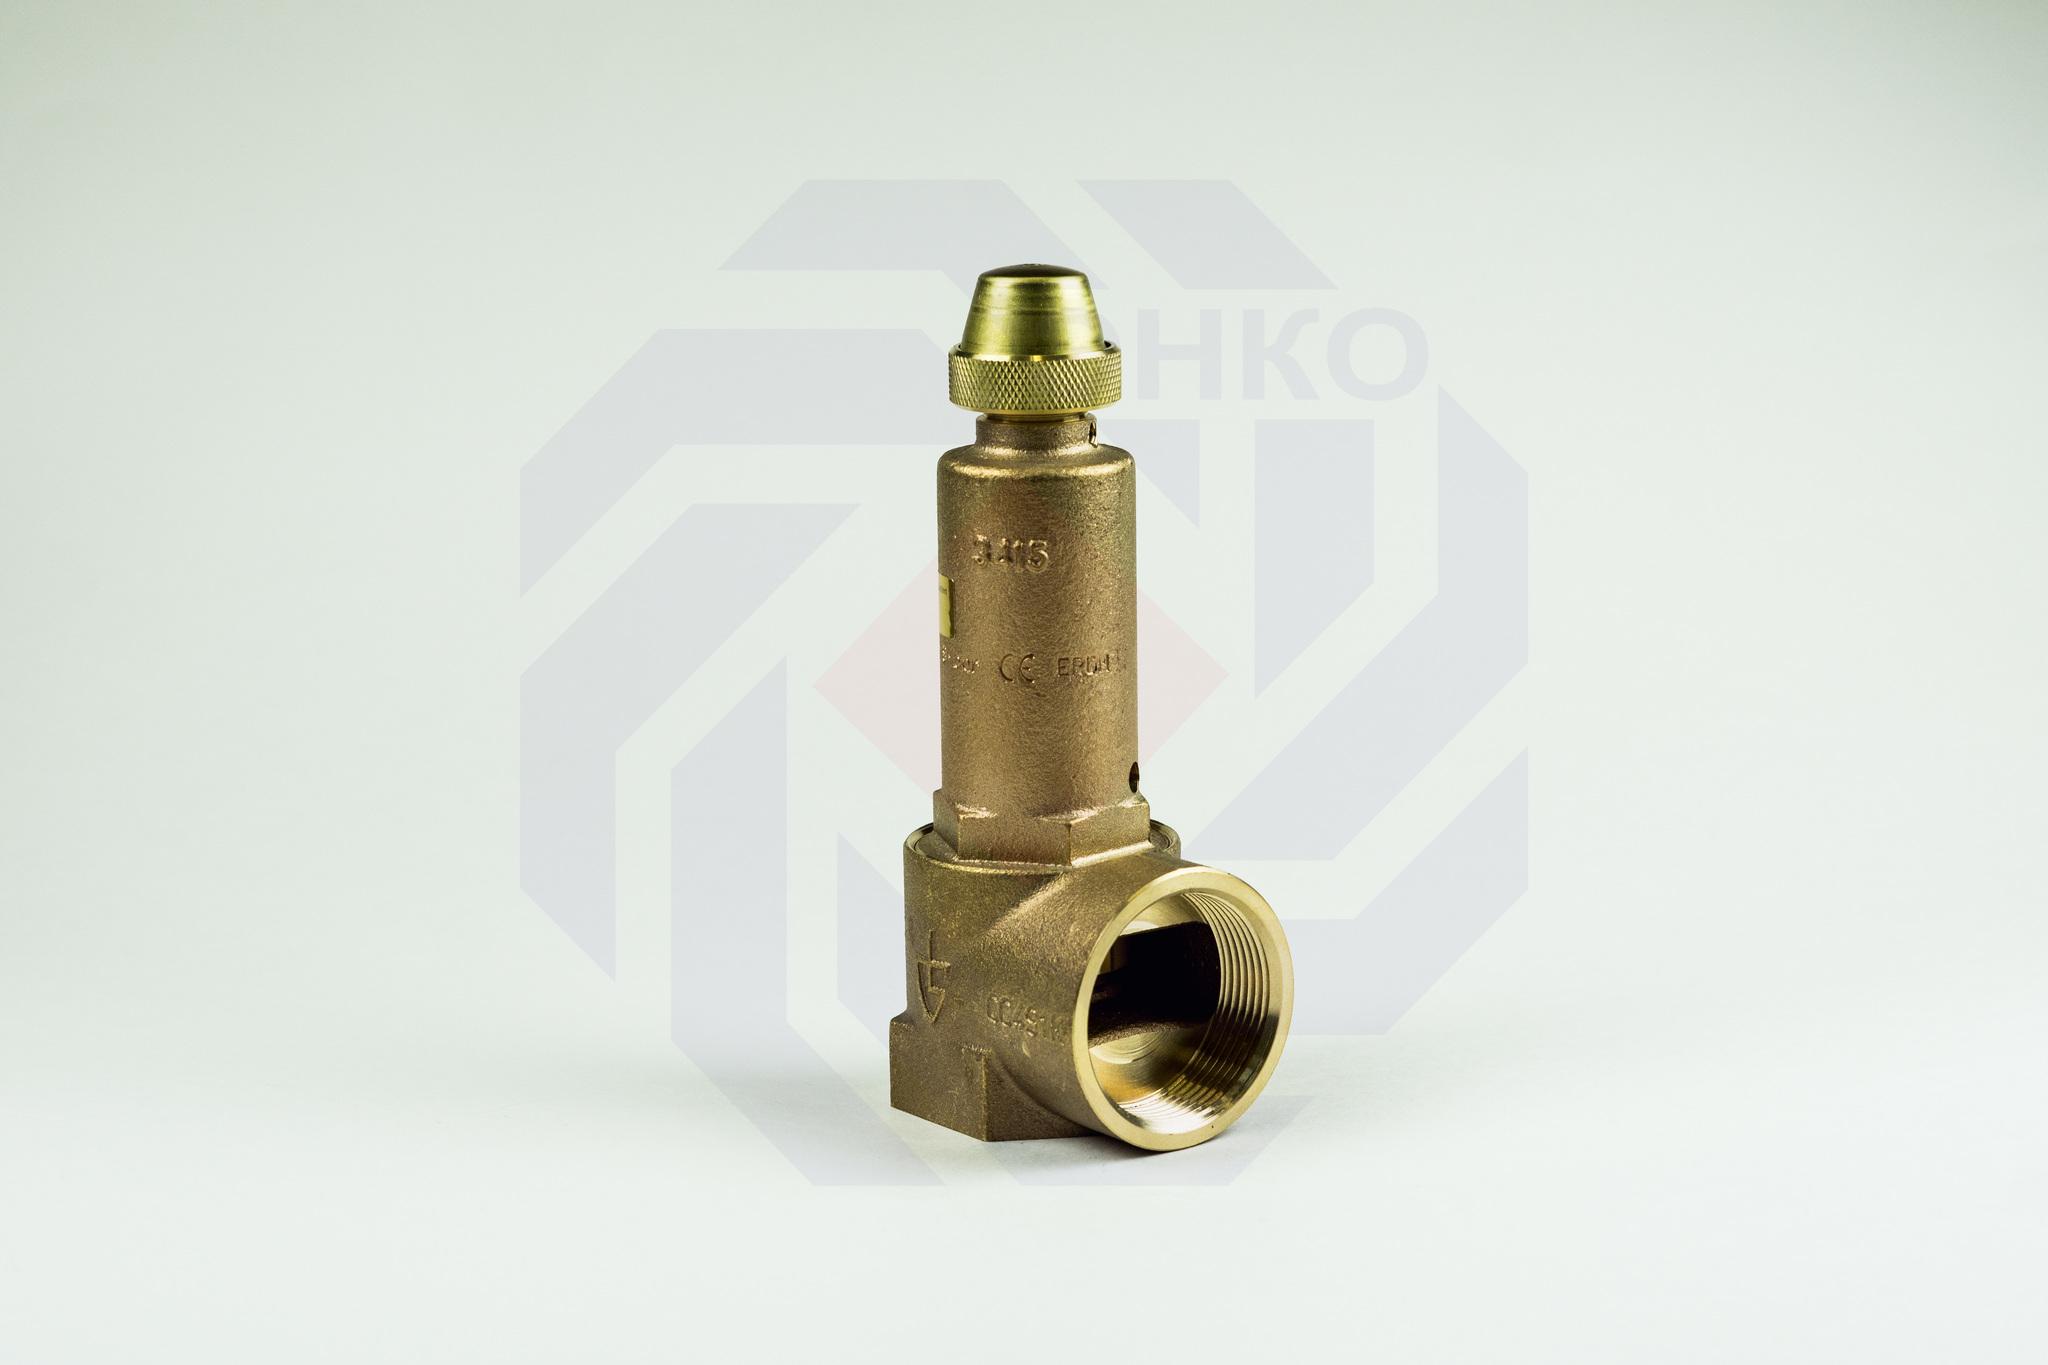 Клапан предохранительный GOETZE 651mWIK 8 бар 1½